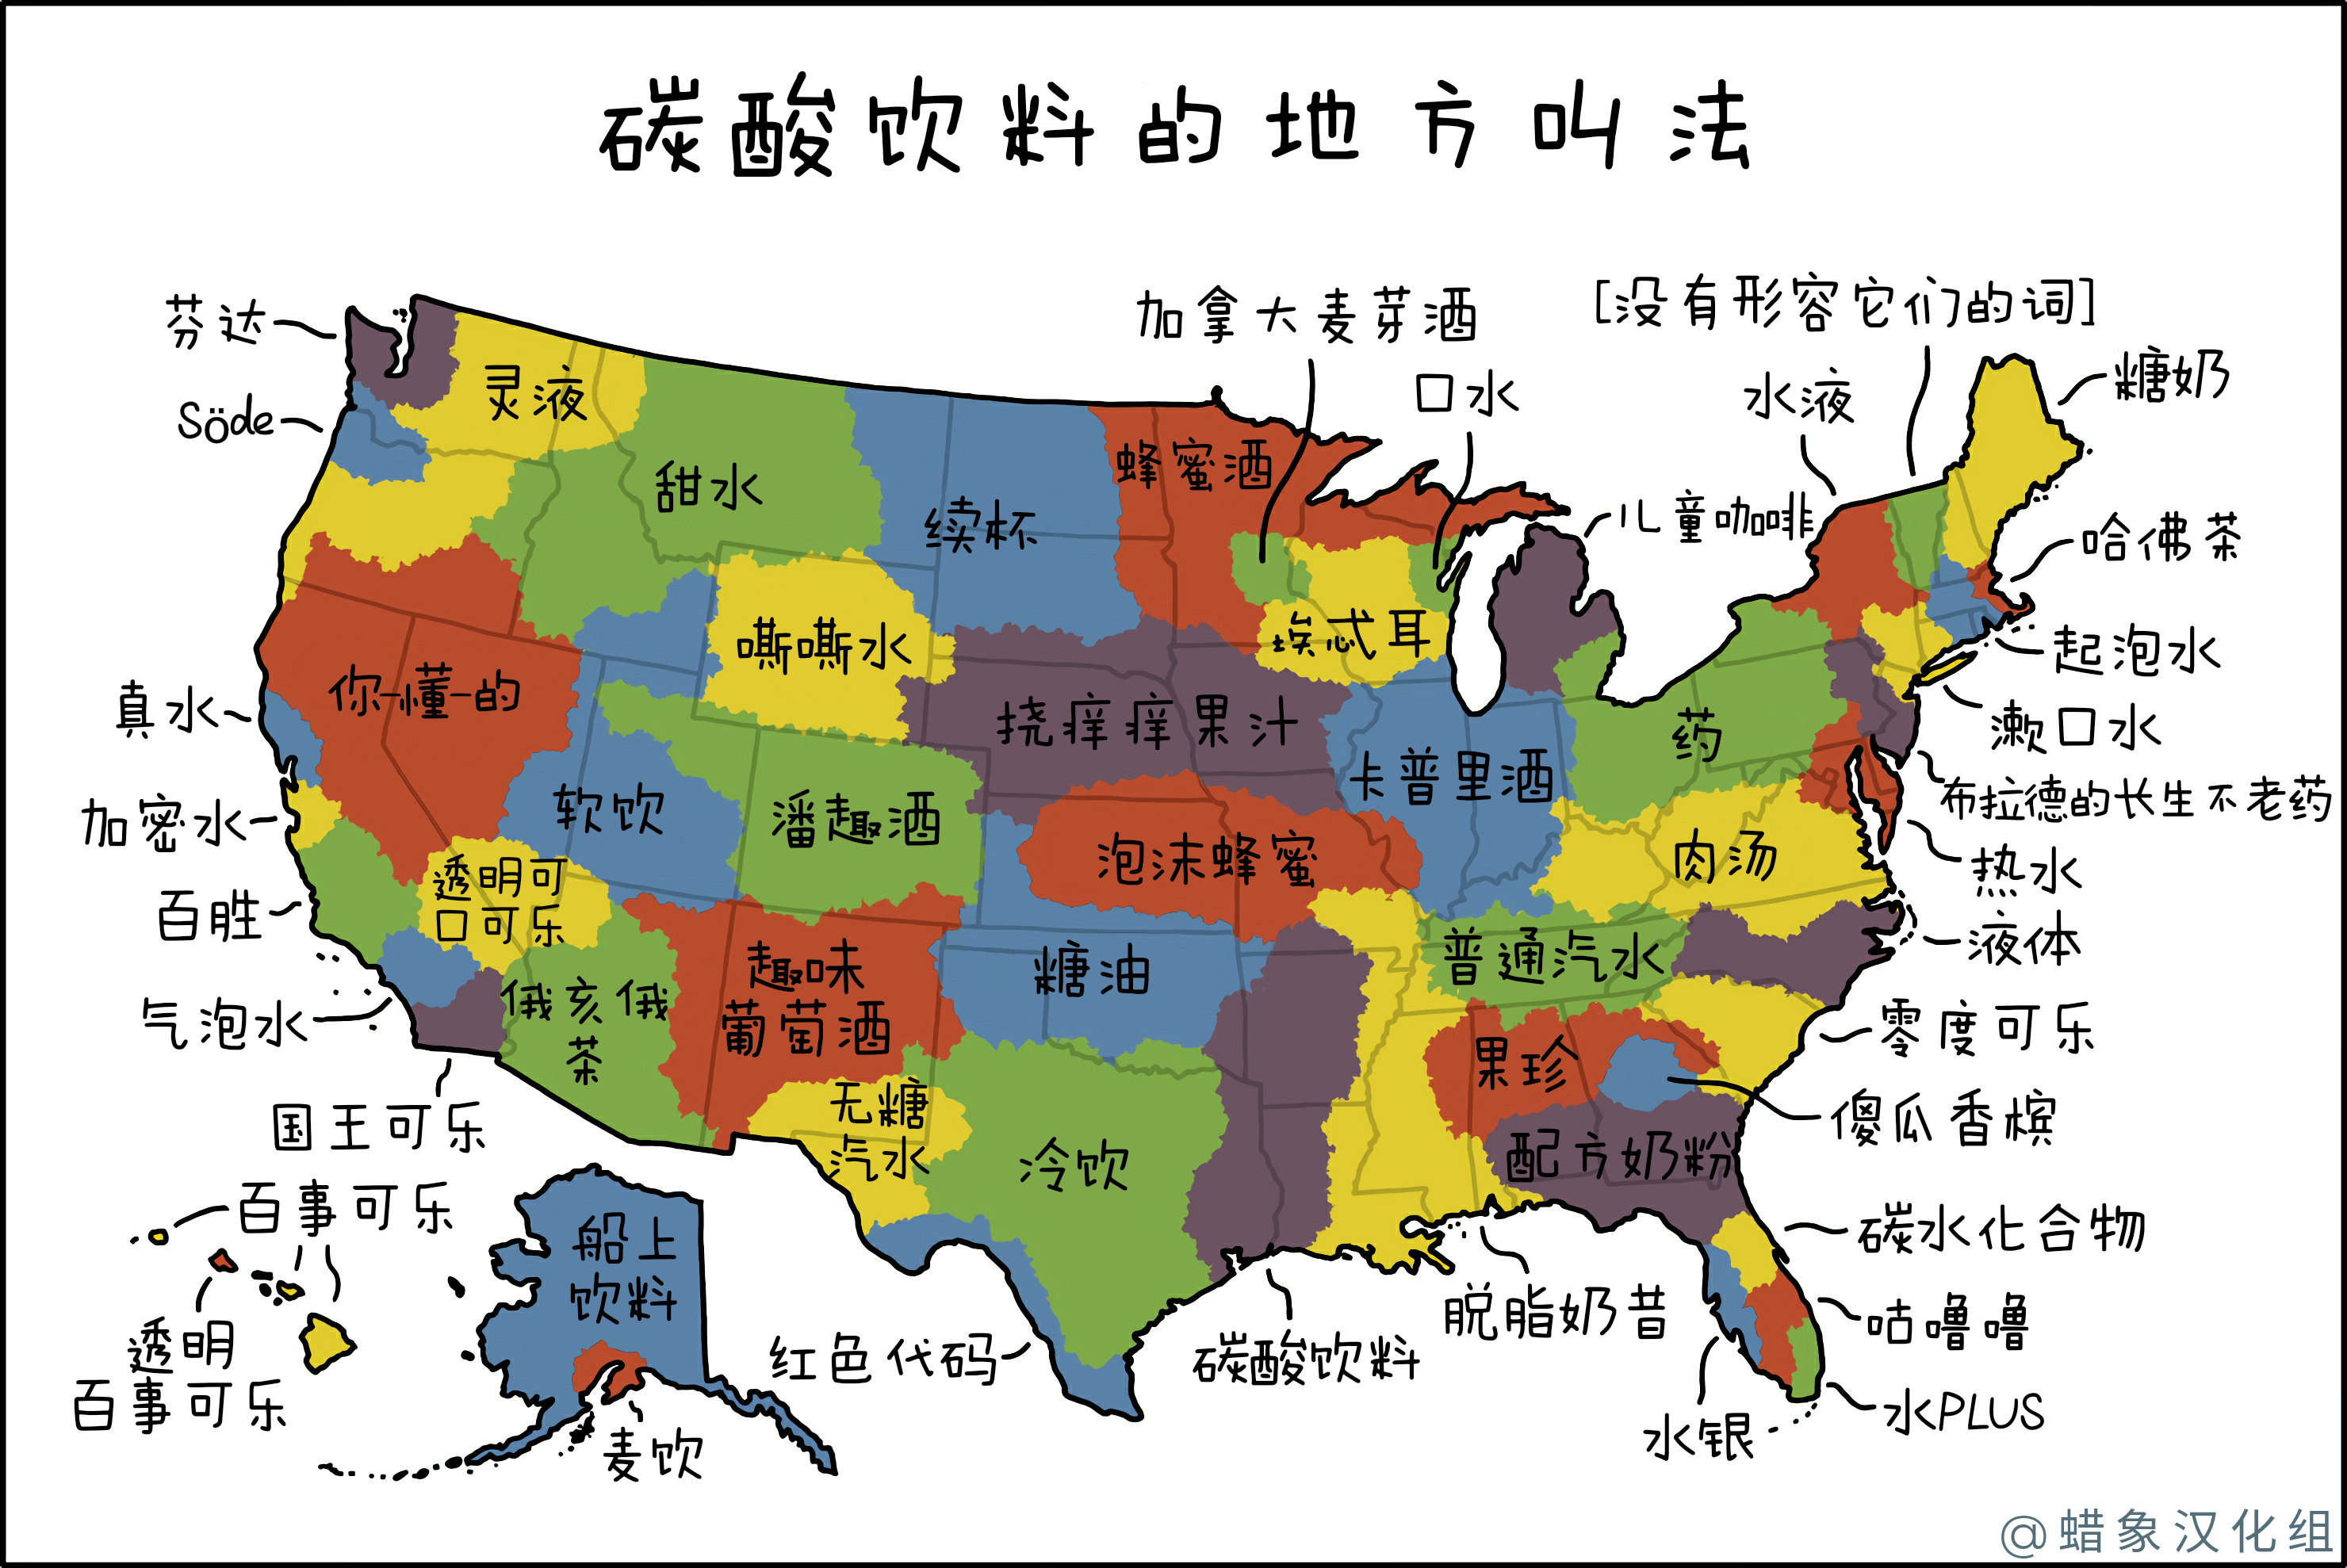 碳酸饮料名称地图